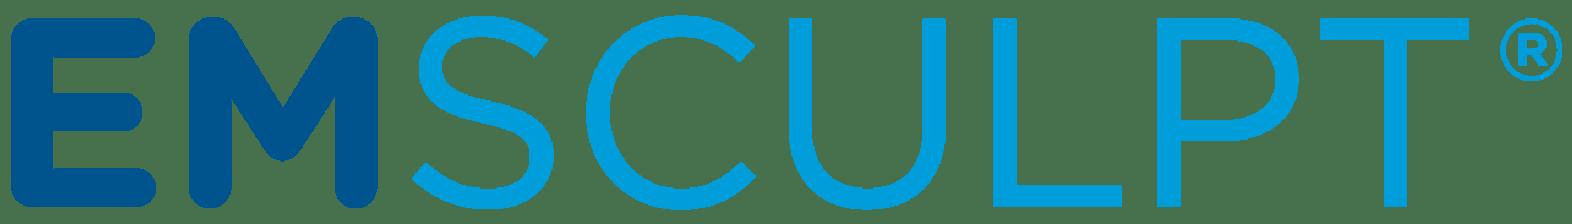 emsculpt logo